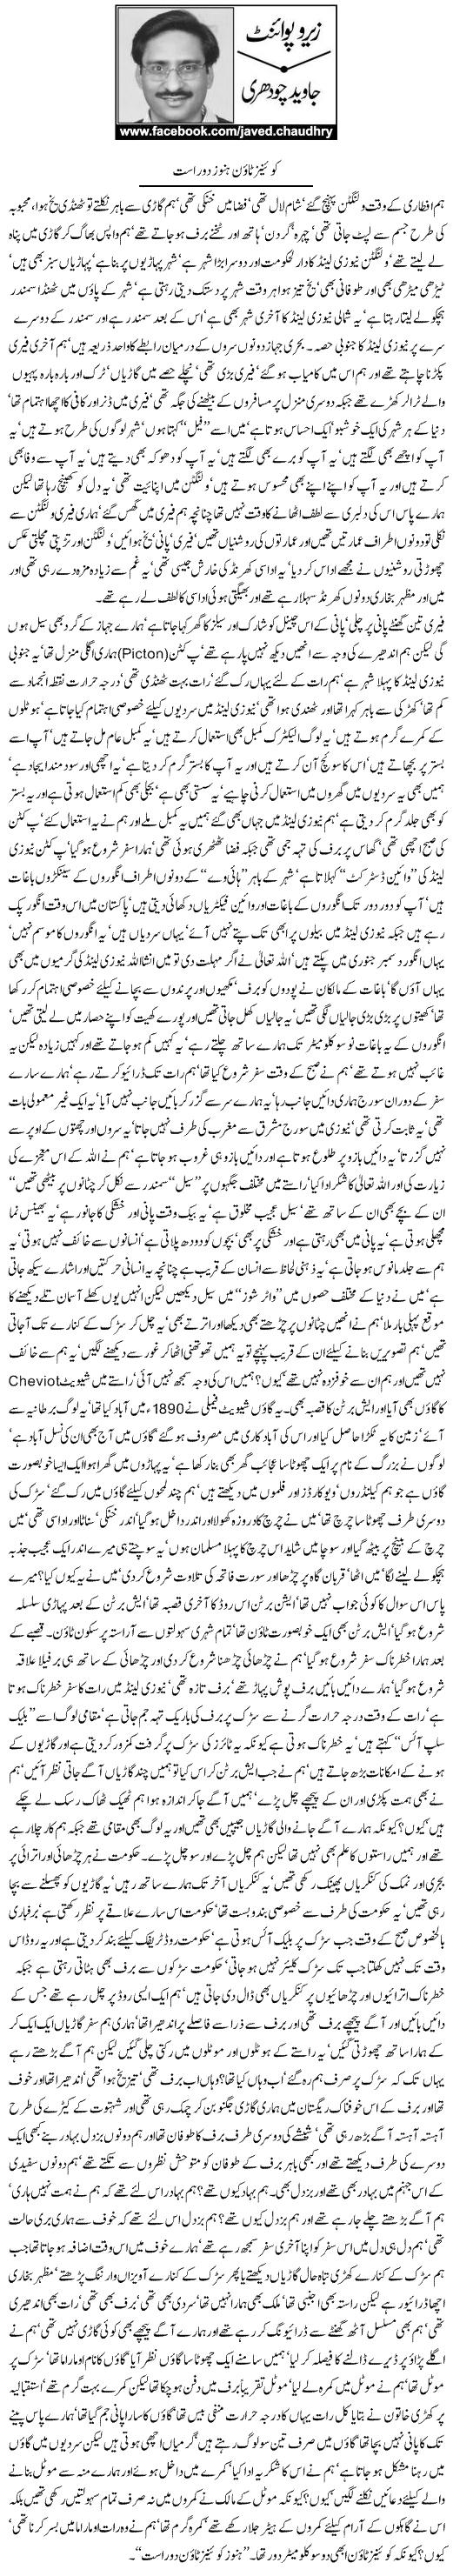 Javed Chaudhry Column | Queens Town Hunoz Door Ast | Zero Point